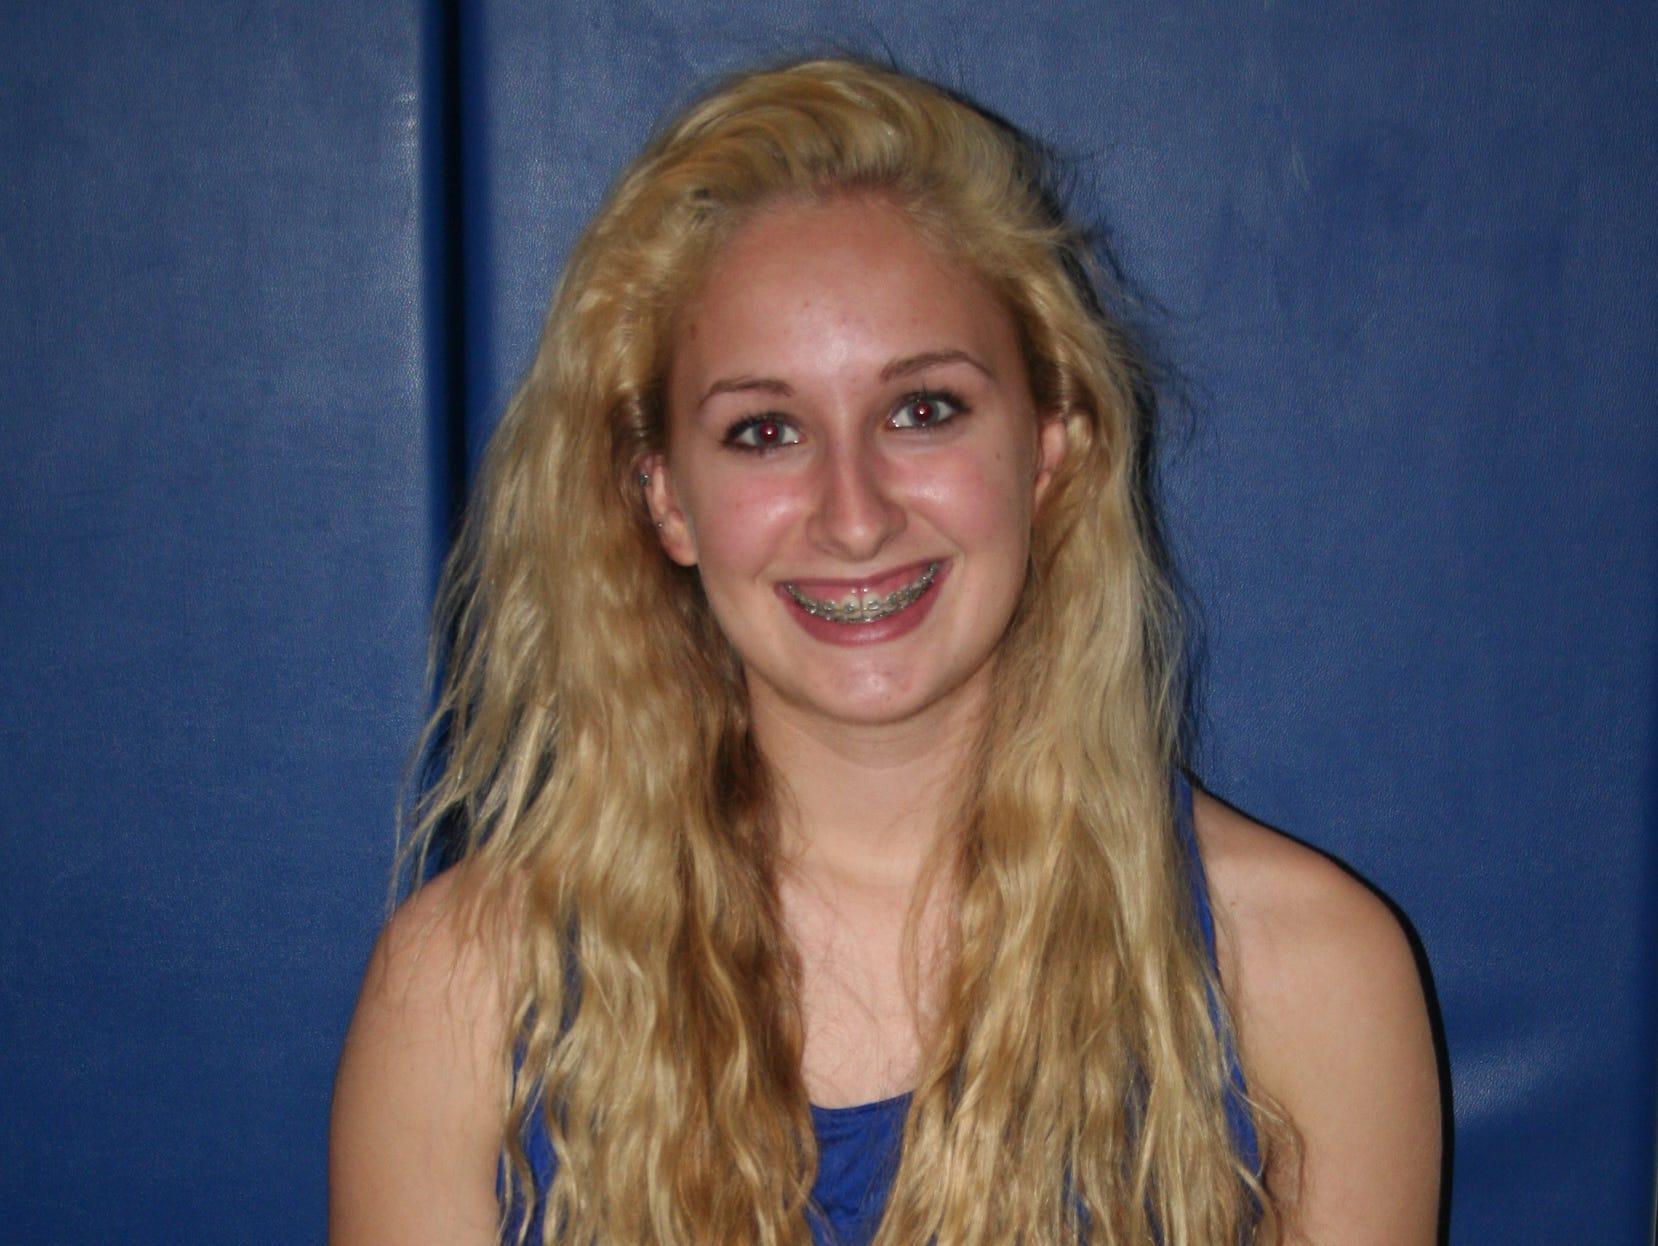 Olivia Leson